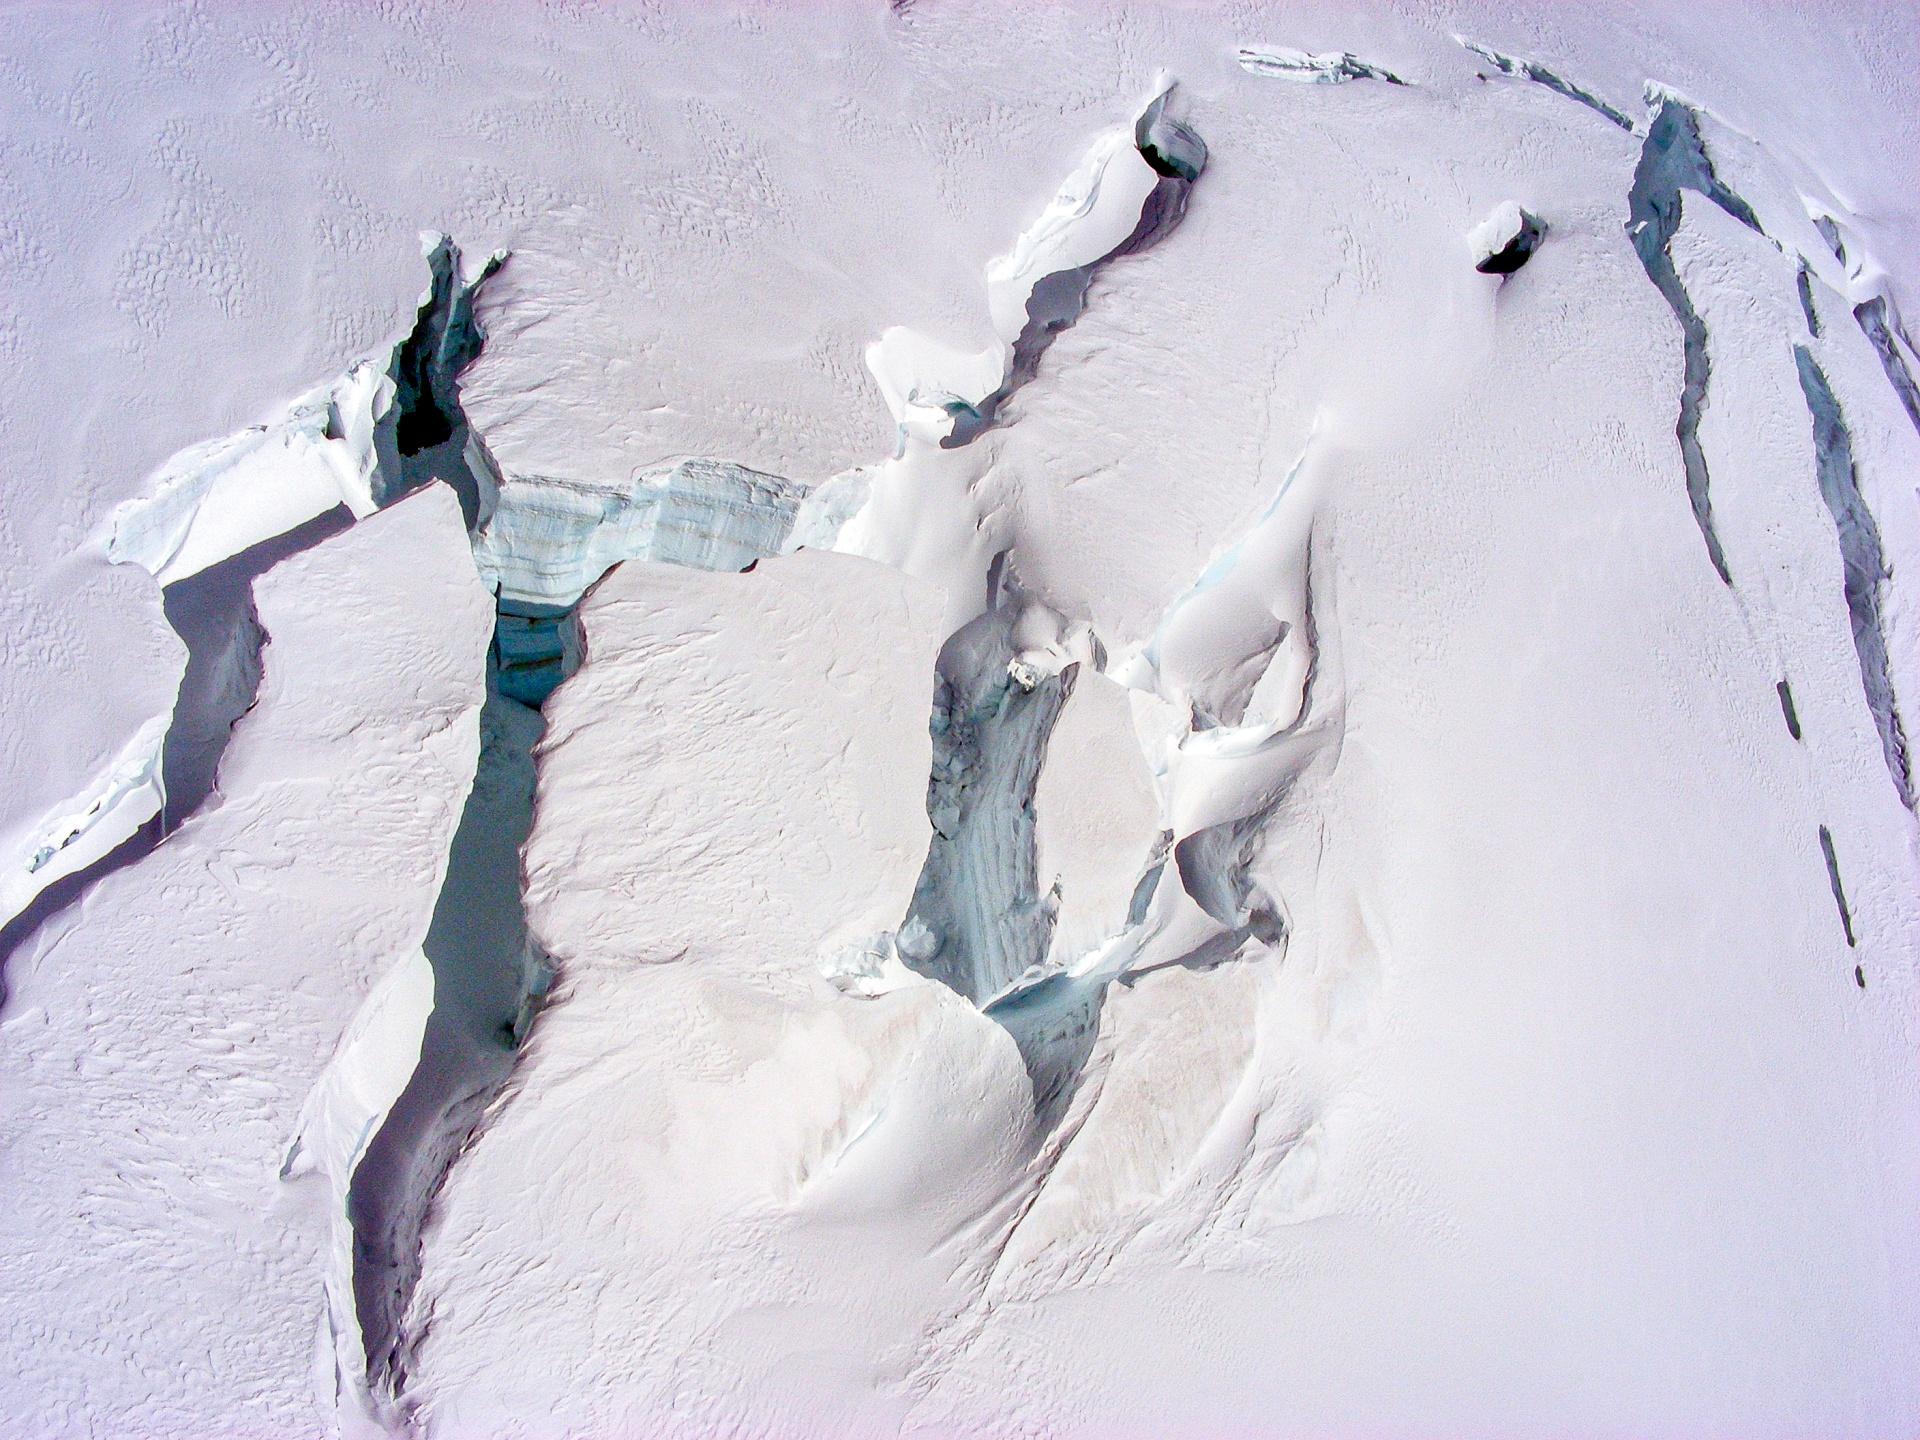 Gletscherspalten - Alpen